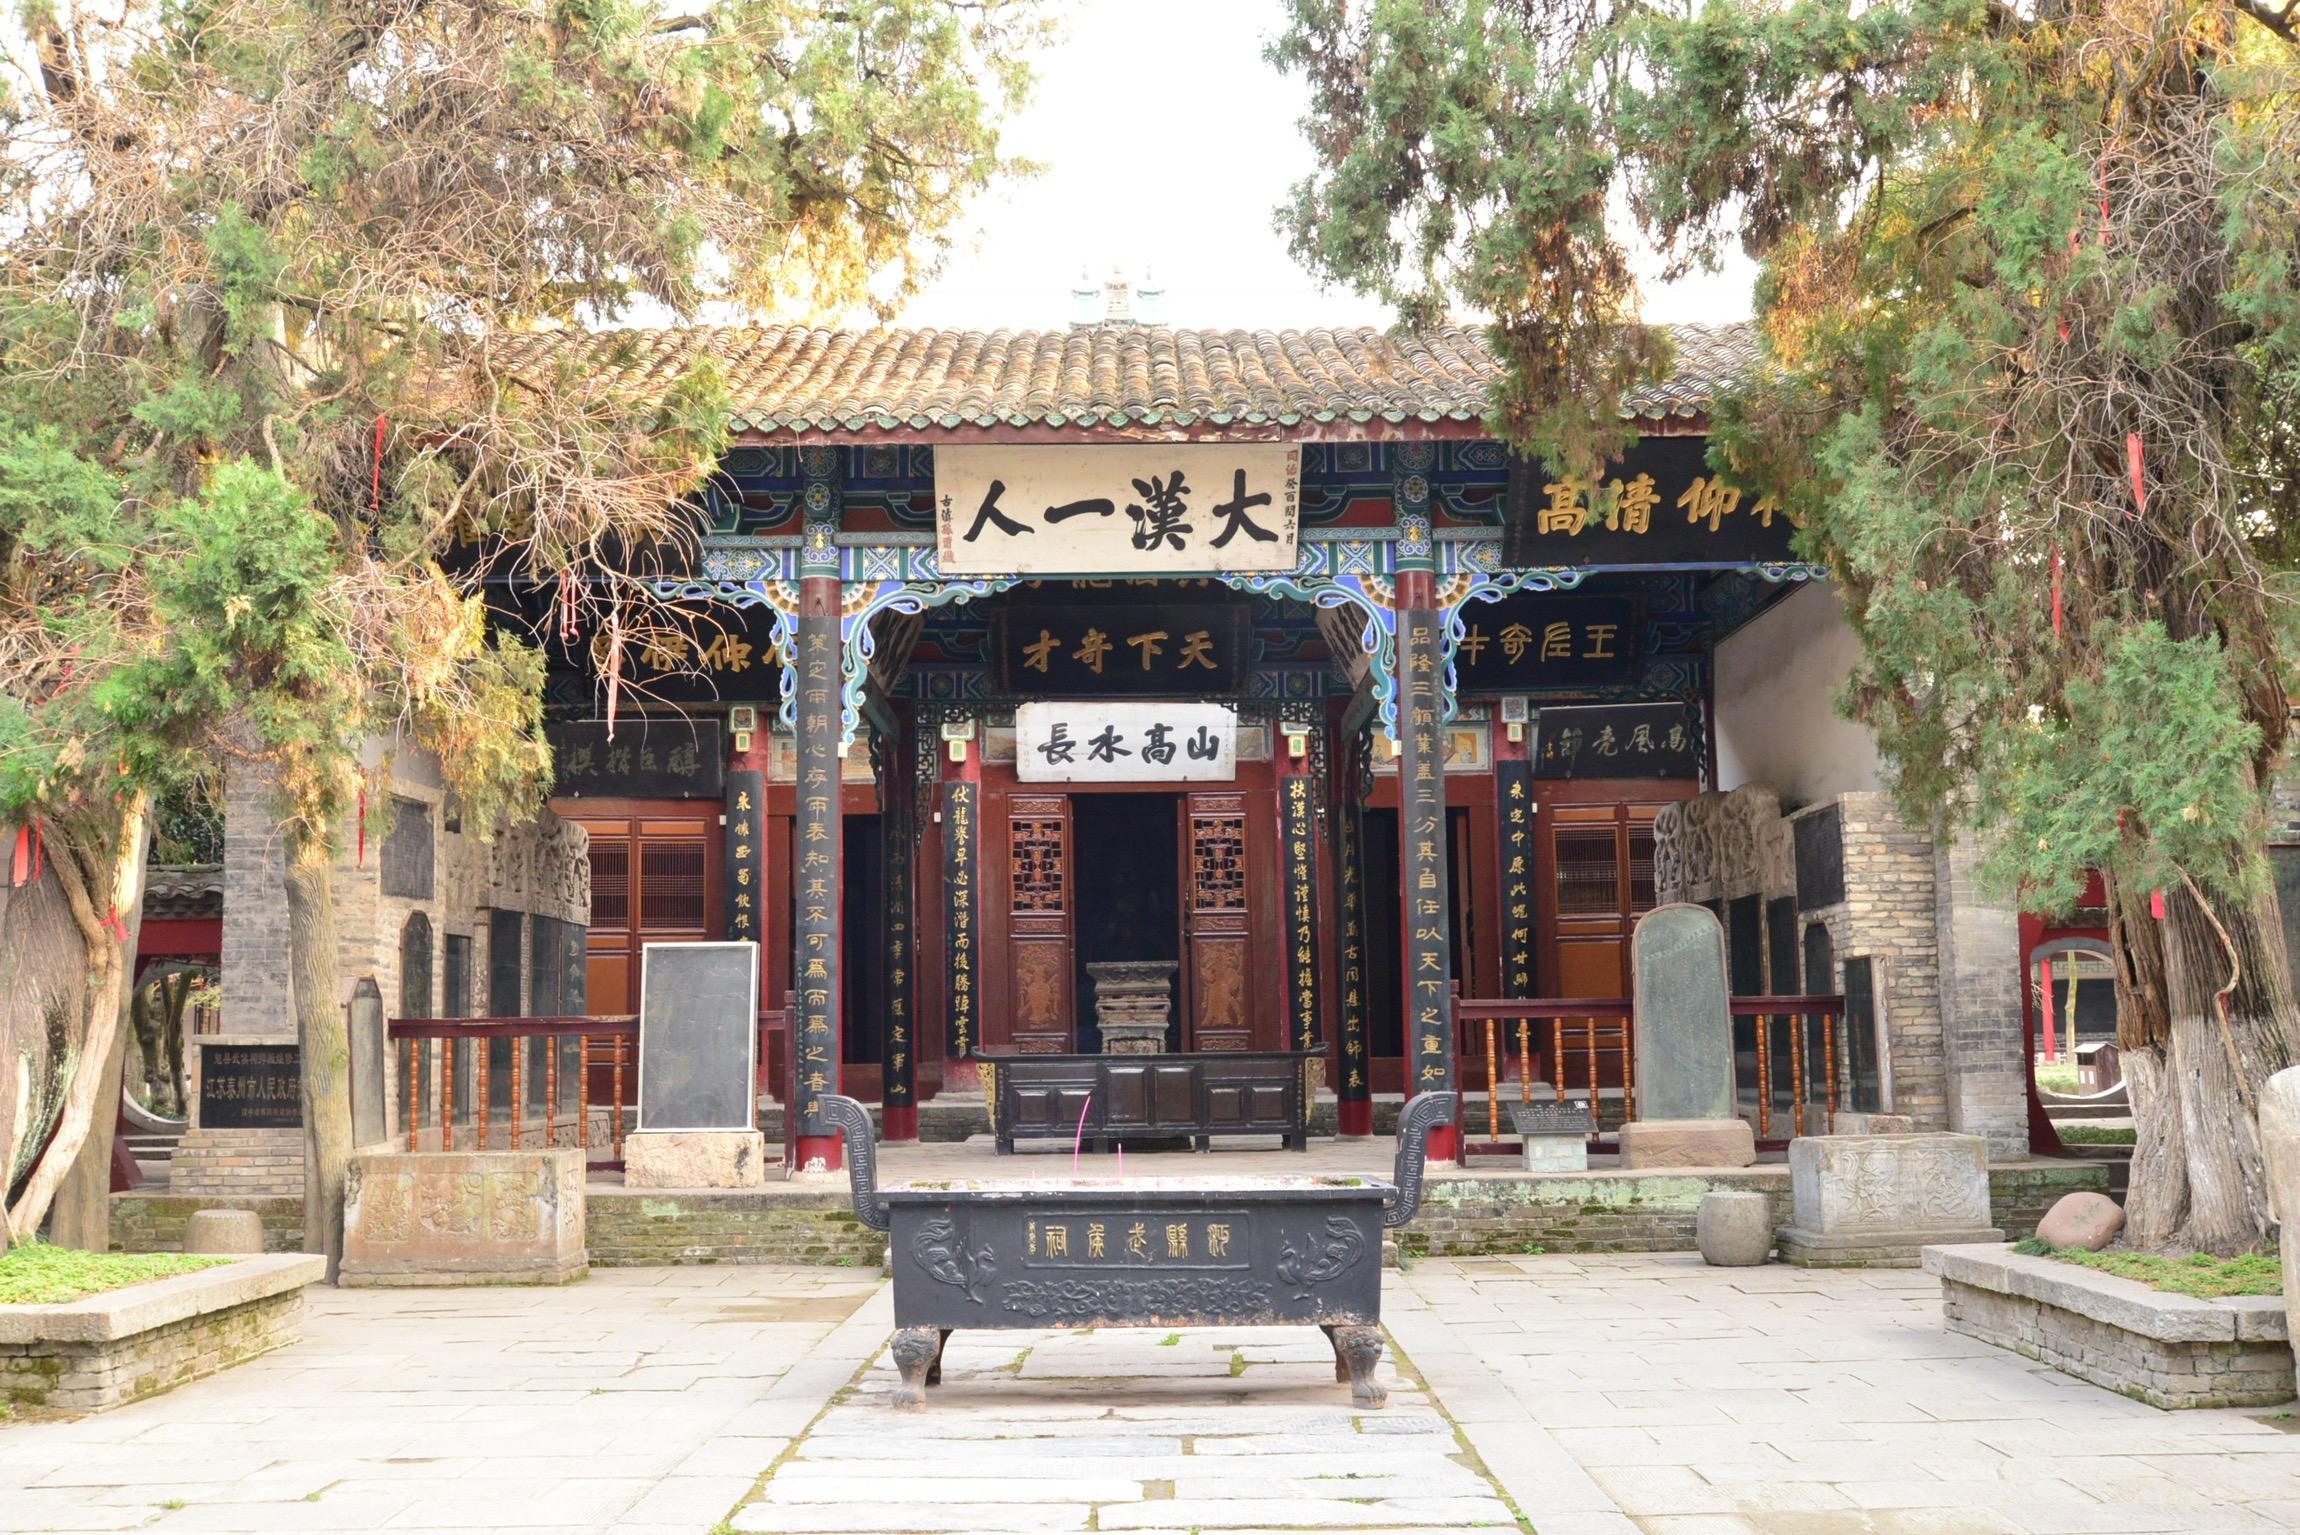 中国三国志ツアー勉県武侯祠と定軍山   新卒リーマンの情報発信室